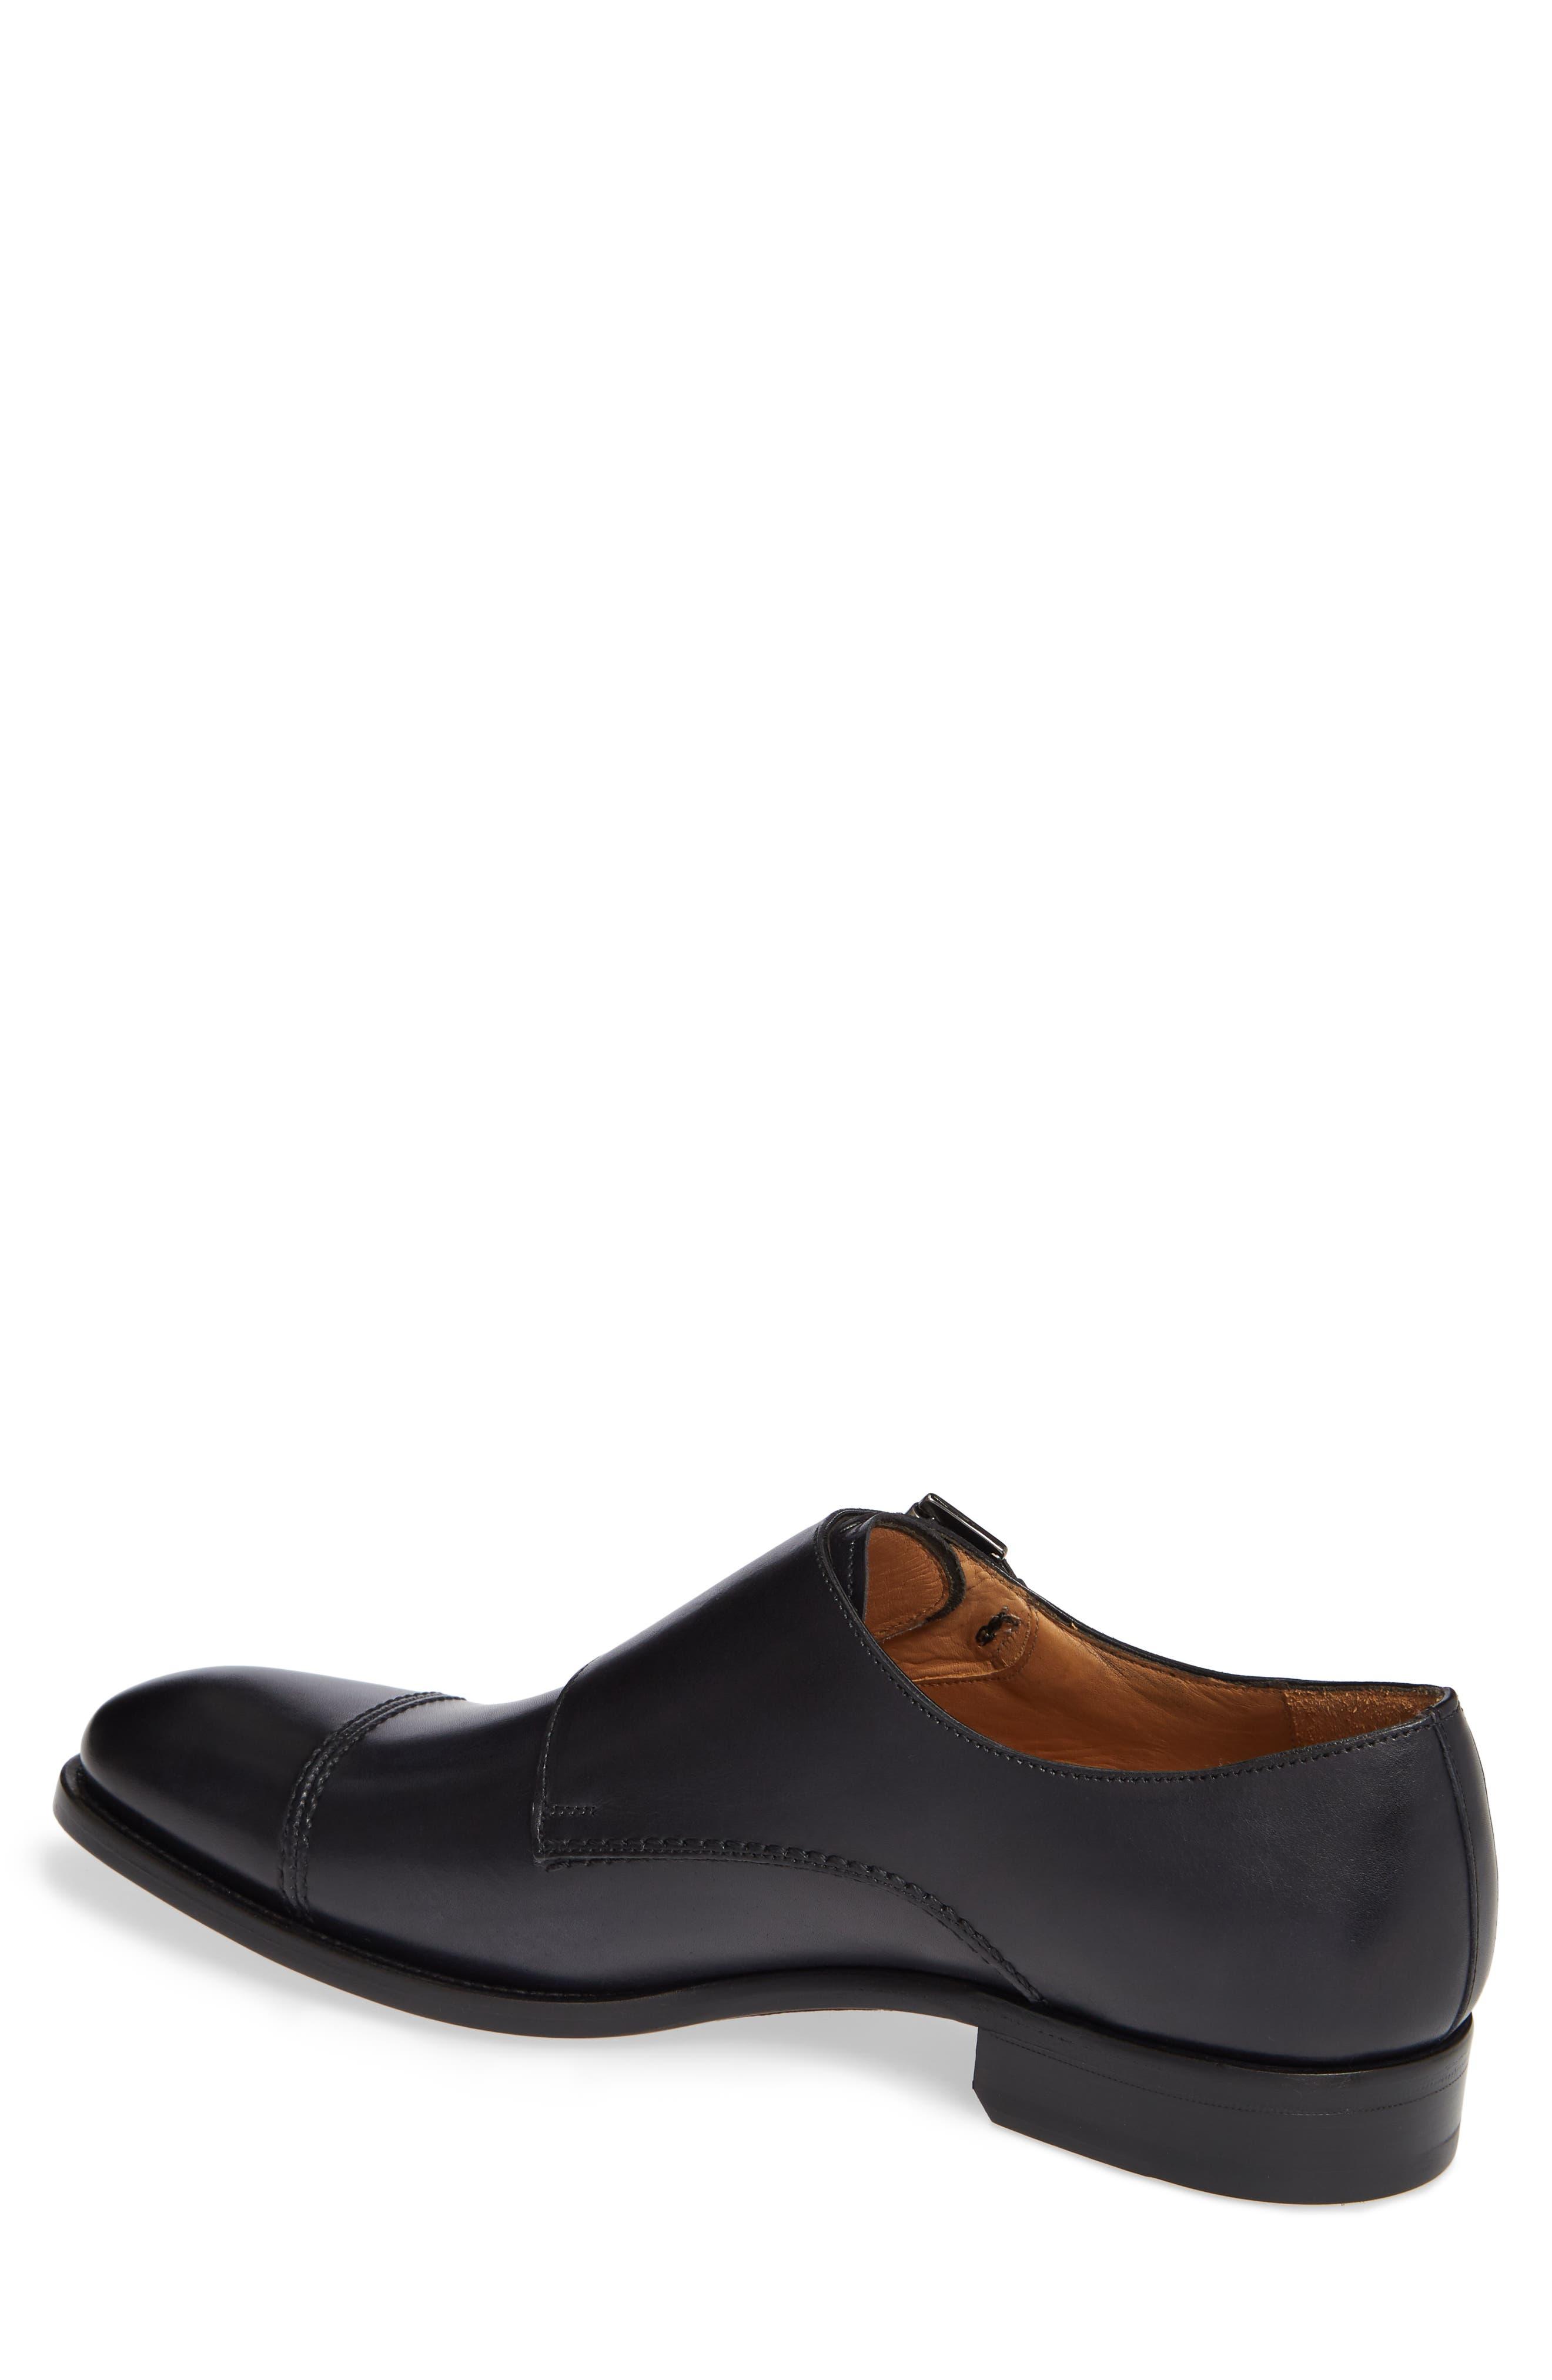 Acosta Double Strap Cap Toe Monk Shoe,                             Alternate thumbnail 2, color,                             BLACK LEATHER